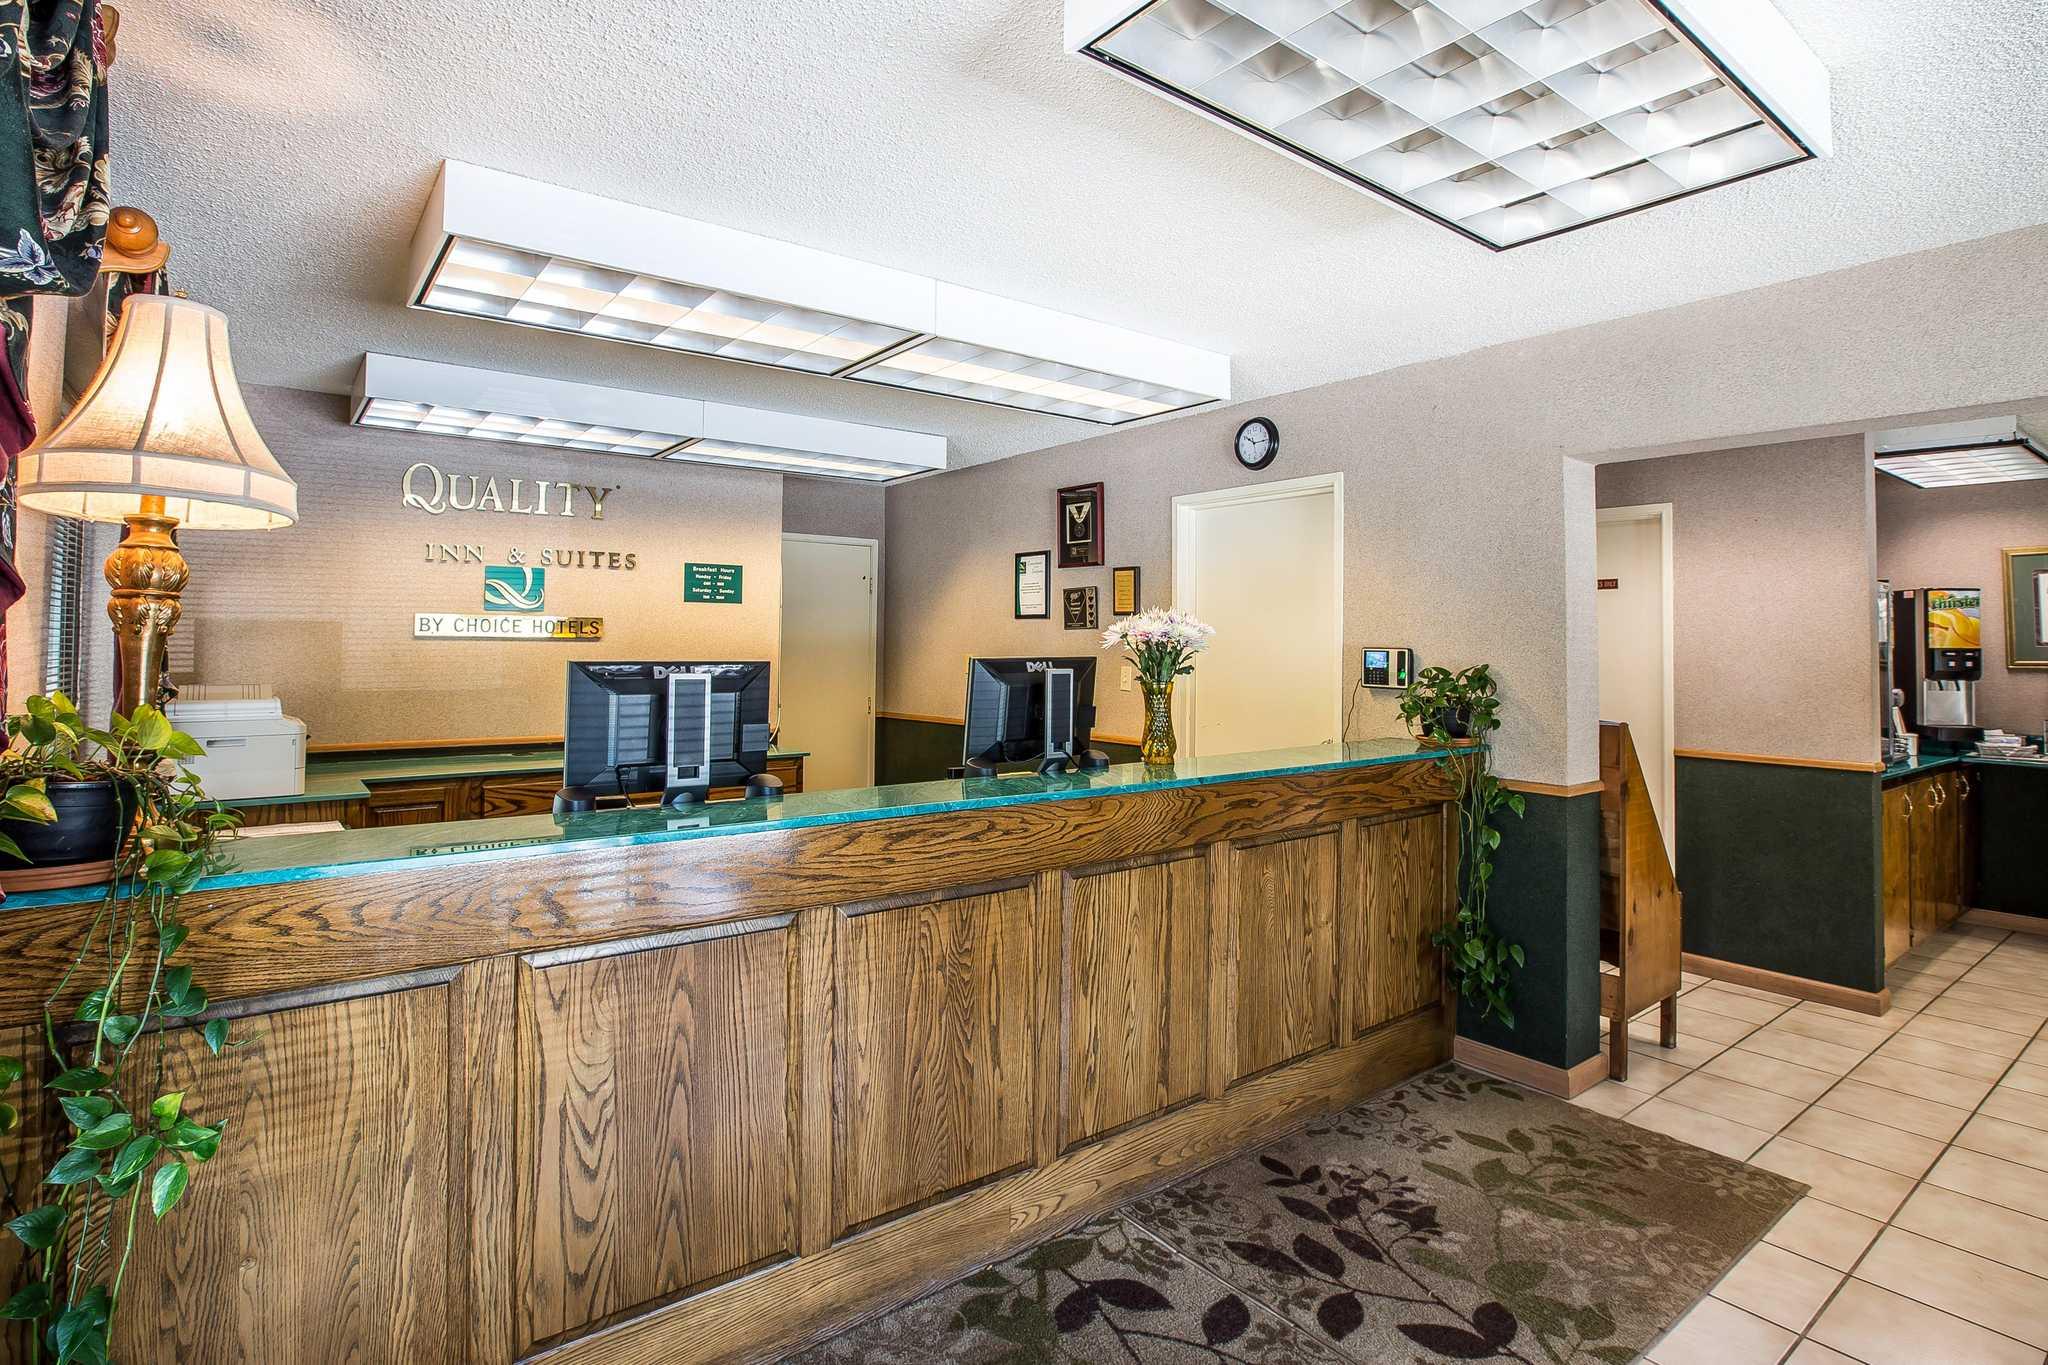 Quality Inn & Suites Mt. Chalet image 13